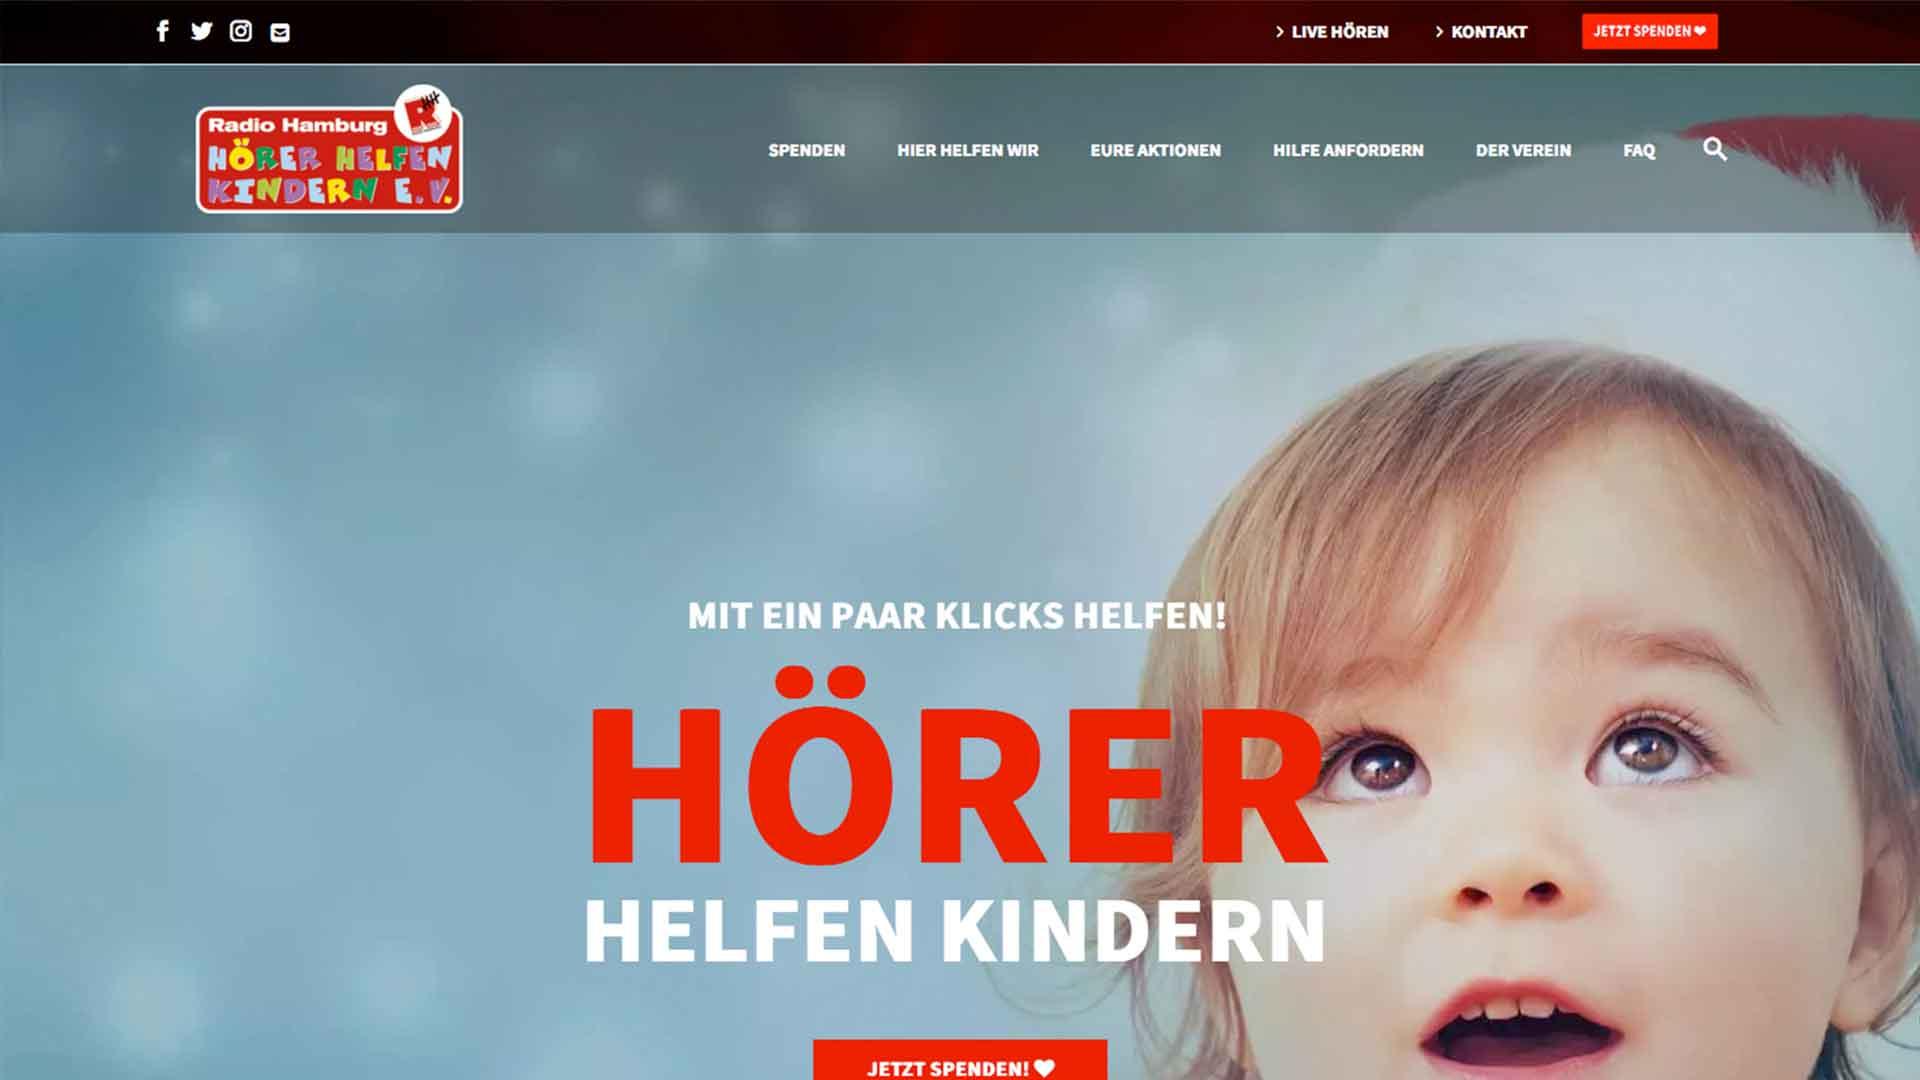 hoerer helfen kindern desktop